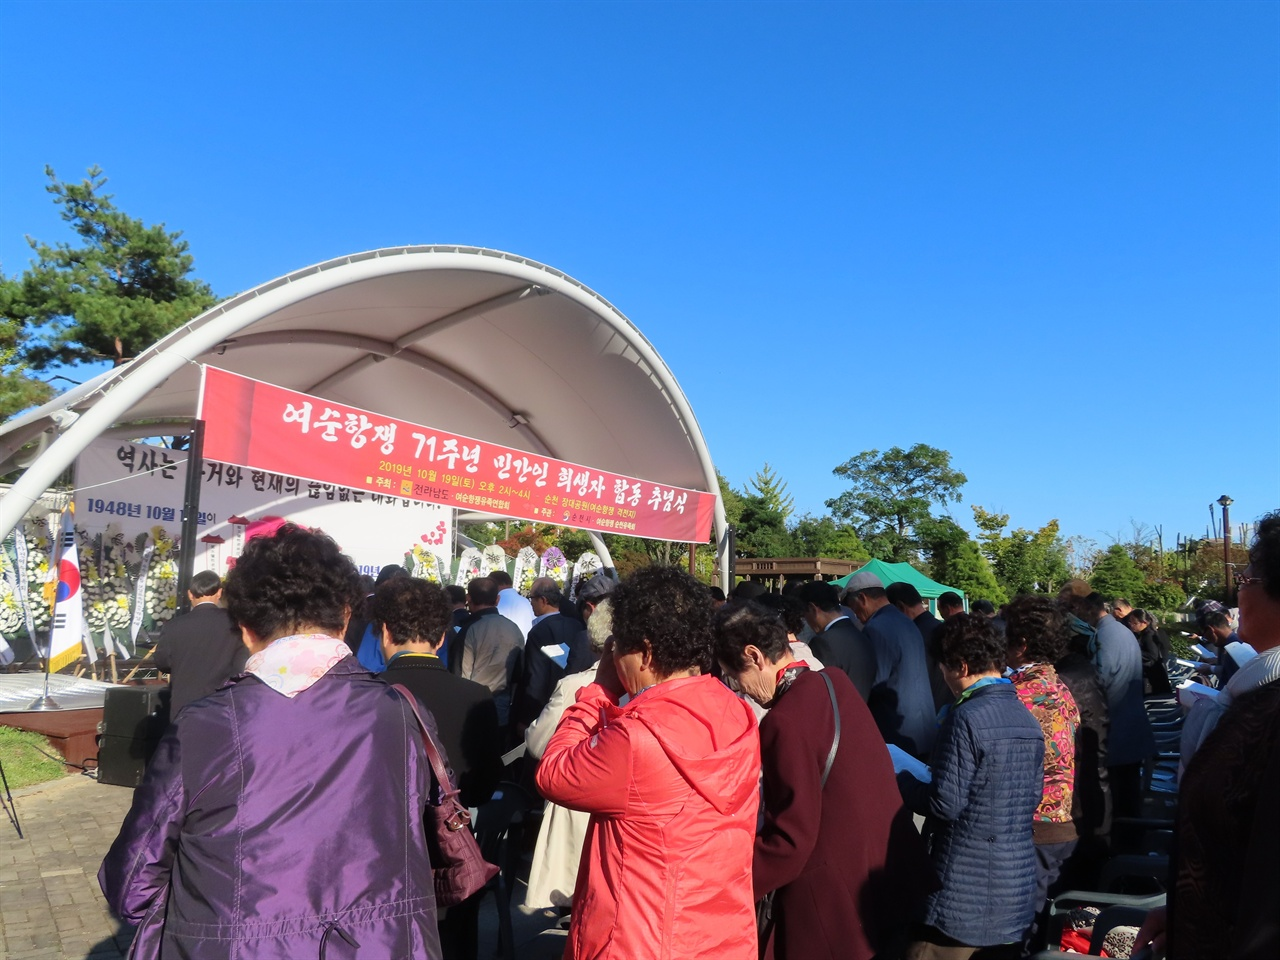 여순항쟁 유족들 10월 19일 순천시 장대공원에서 열린 71주년 여순항쟁 민간인 희생자 합동 추념식장에 모인 유족들의 모습이다. 오랜 한에 눈물을 흘리는 유족들도 있었으며 71년이 지난 탓에 유족들도 고령이라 유모차를 끌고 온 할머니도 있었다.